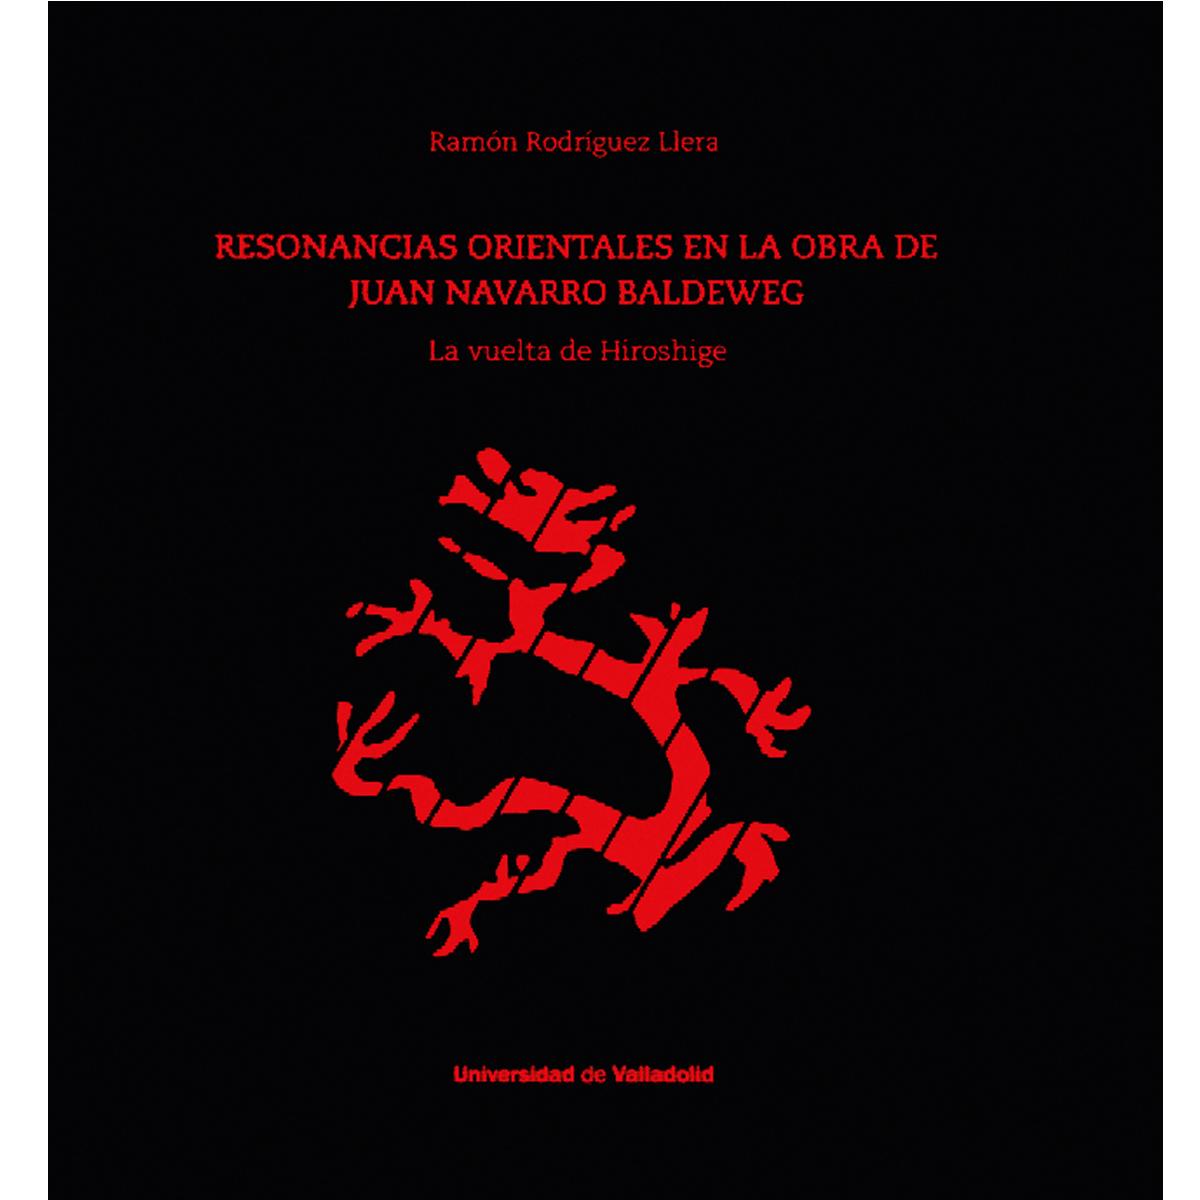 Resonancias orientales en la obra de Juan Navarro Baldeweg